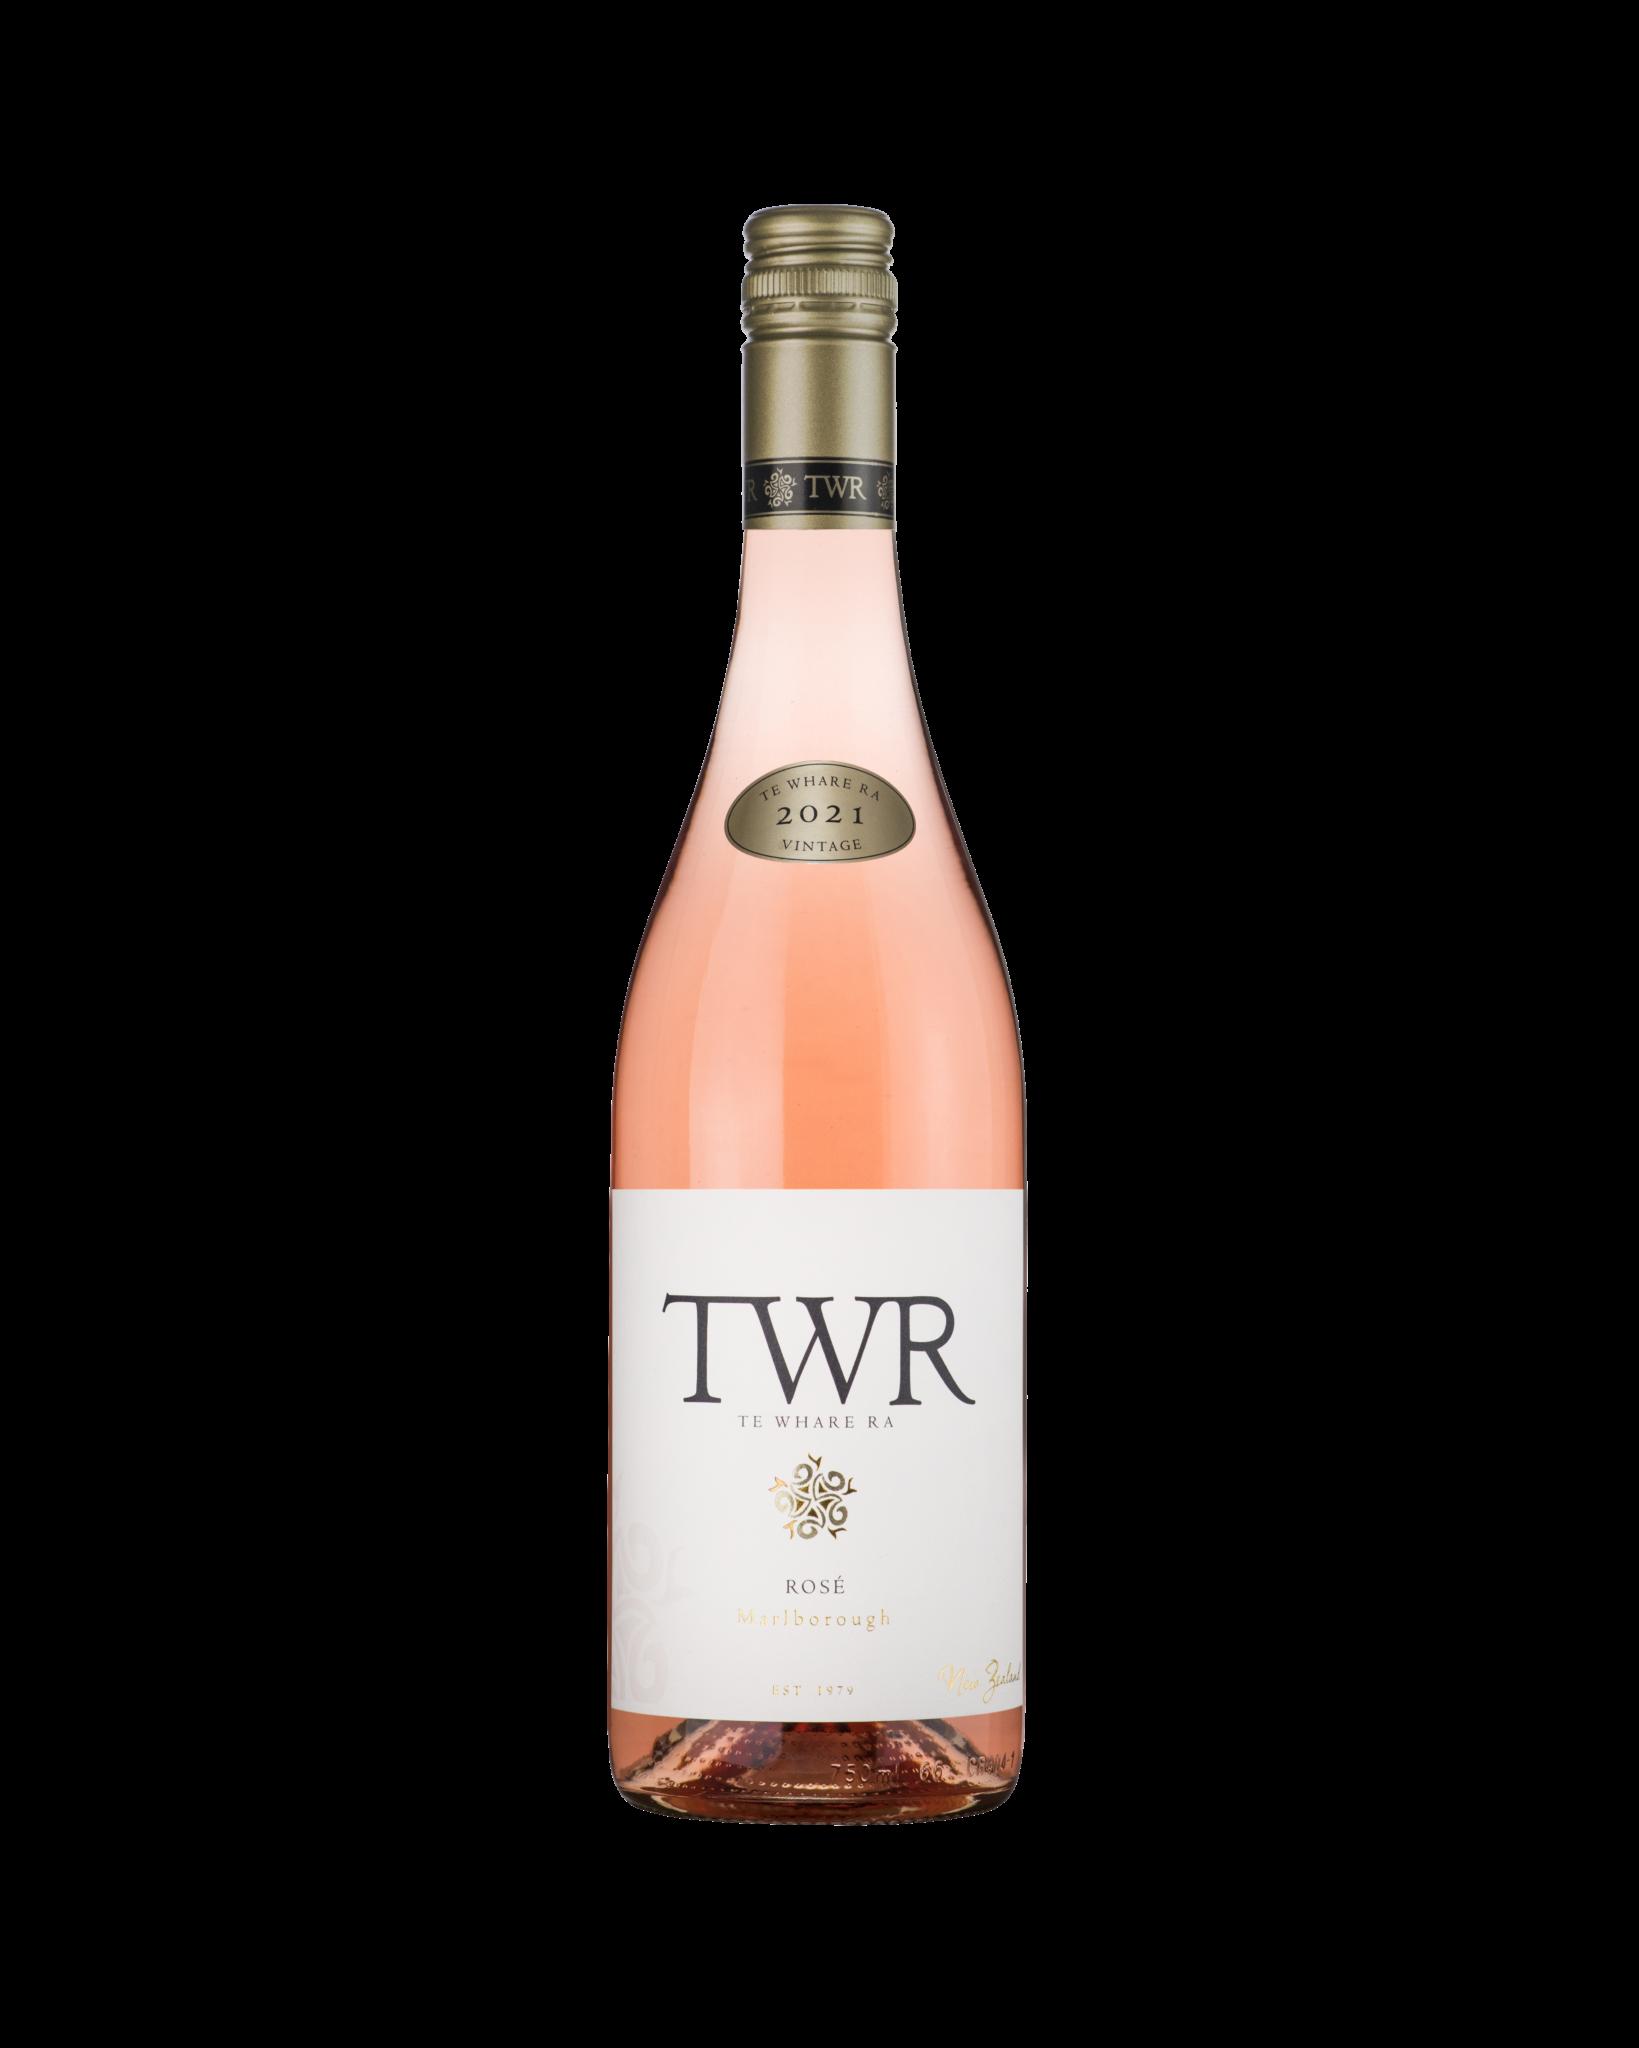 2021 TWR Rosé